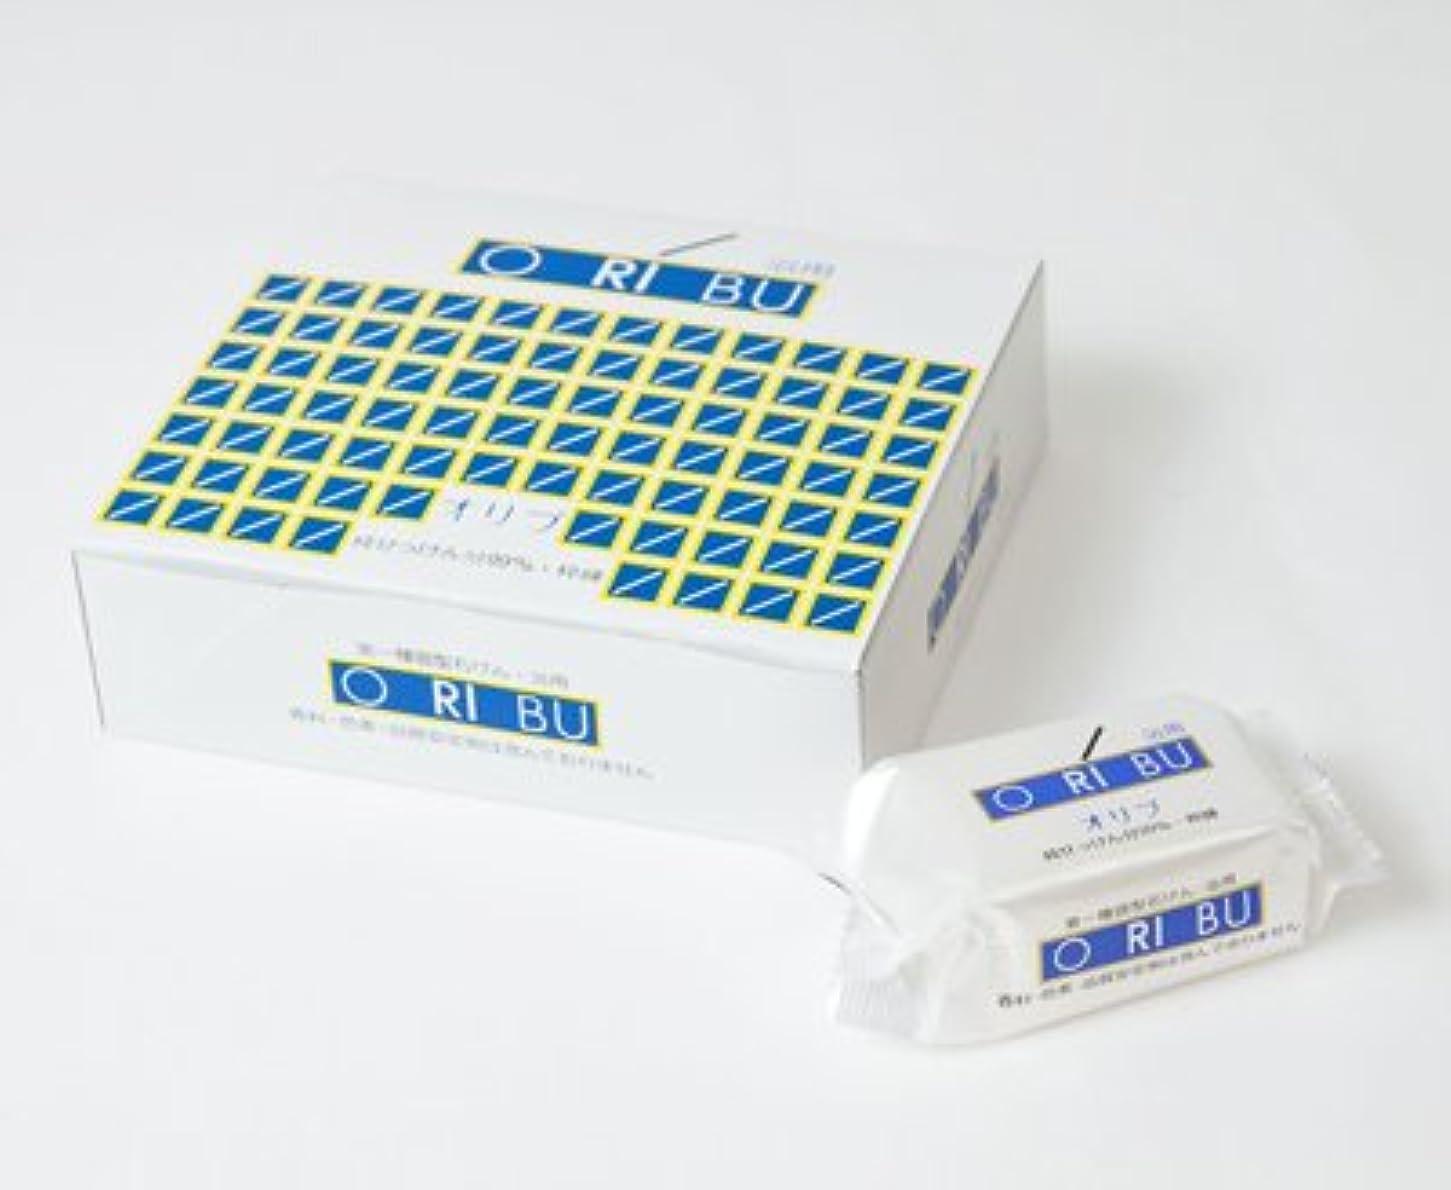 ブレーキパンクラウド暁石鹸 ORIBU オリブ浴用石けん 1箱 (110g×10個入) 泡立てネット付き